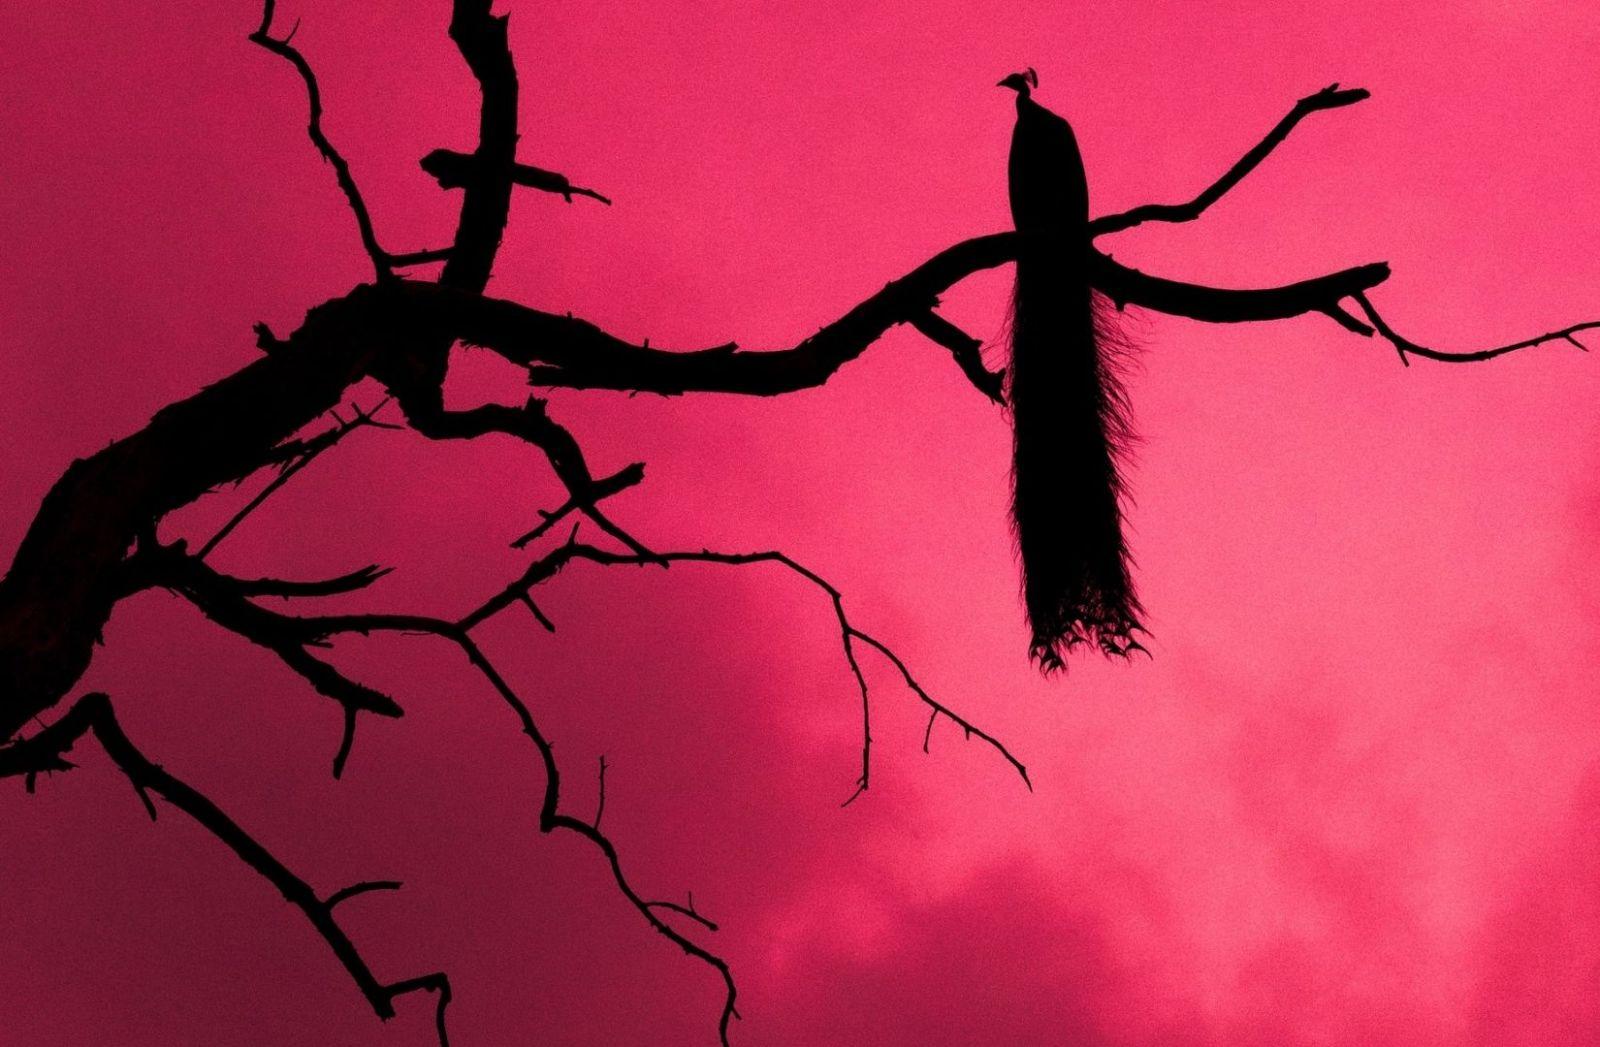 Ein Vogel irgendwo in den USA aufgenommen. (Foto: Kan Tri, Unsplash.com)